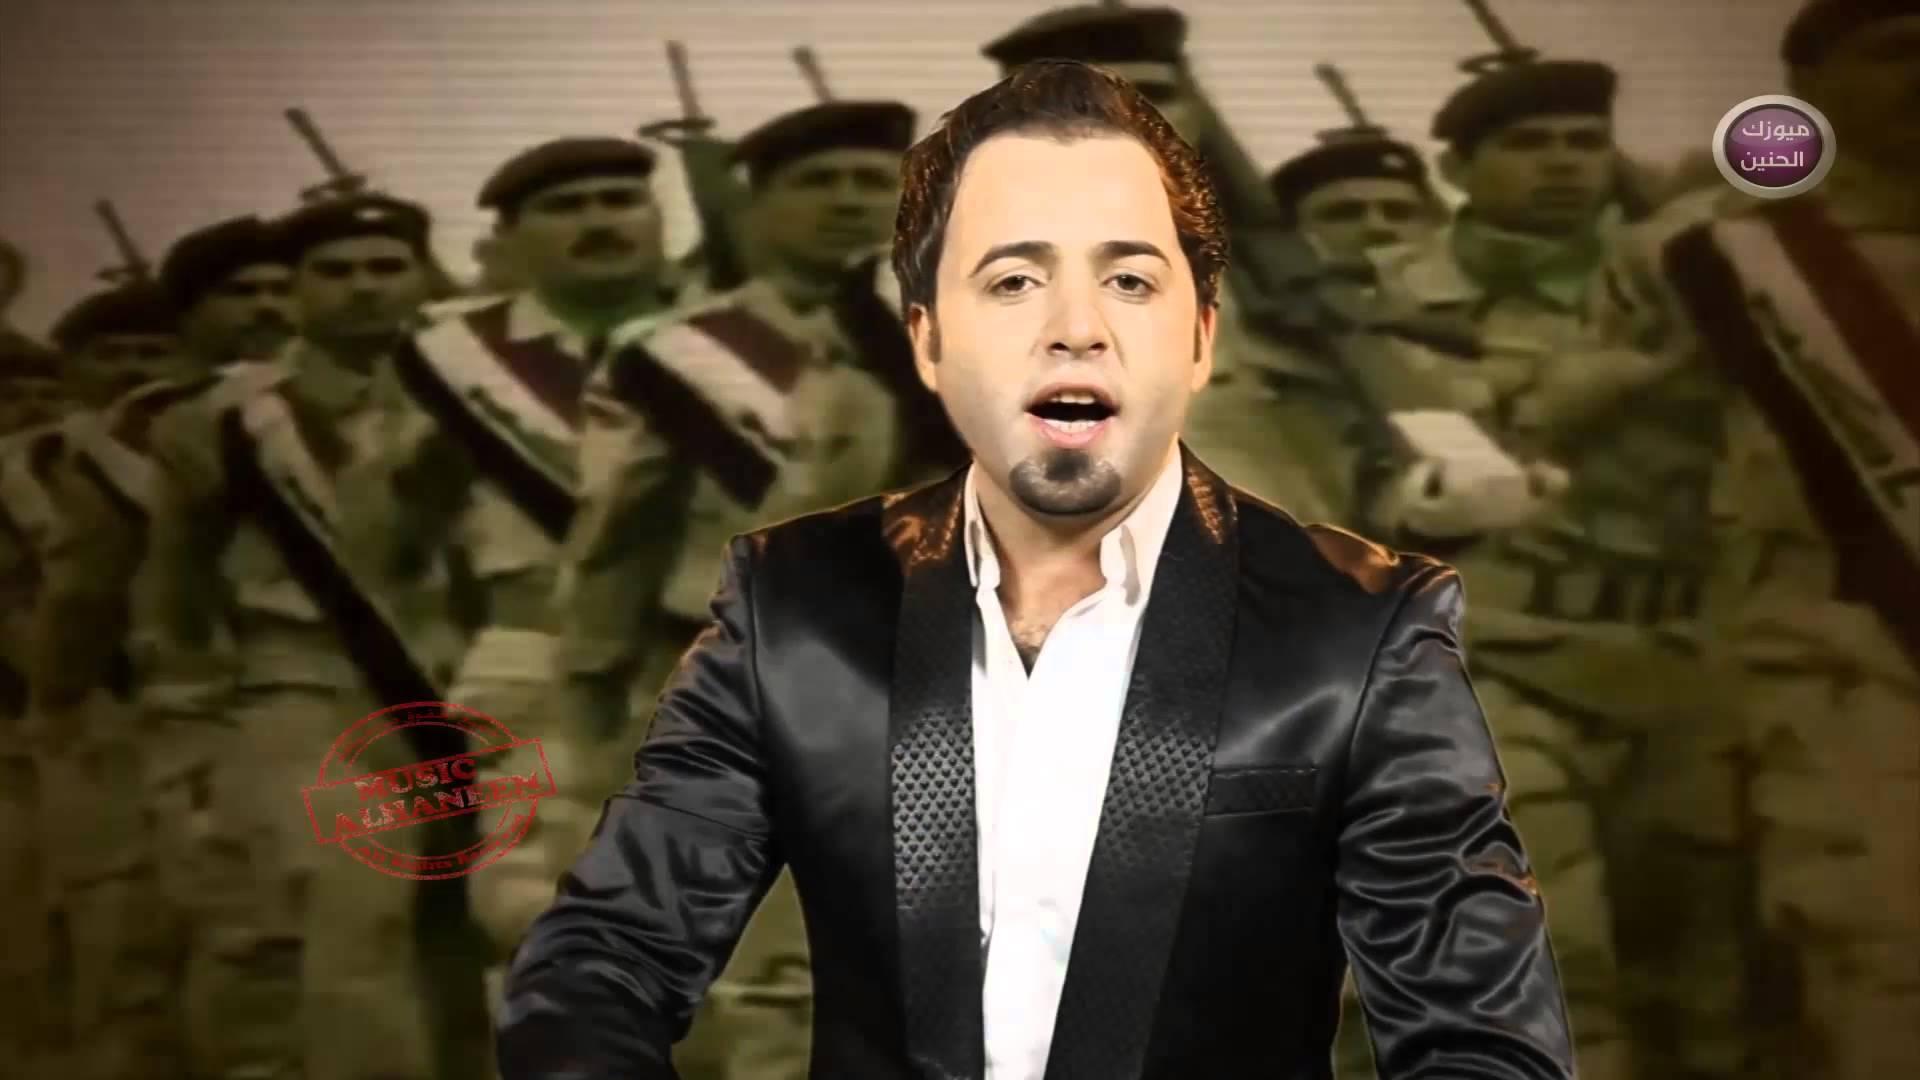 يوتيوب تحميل استماع اغنية ابد ماهاب واثق نصر 2015 Mp3